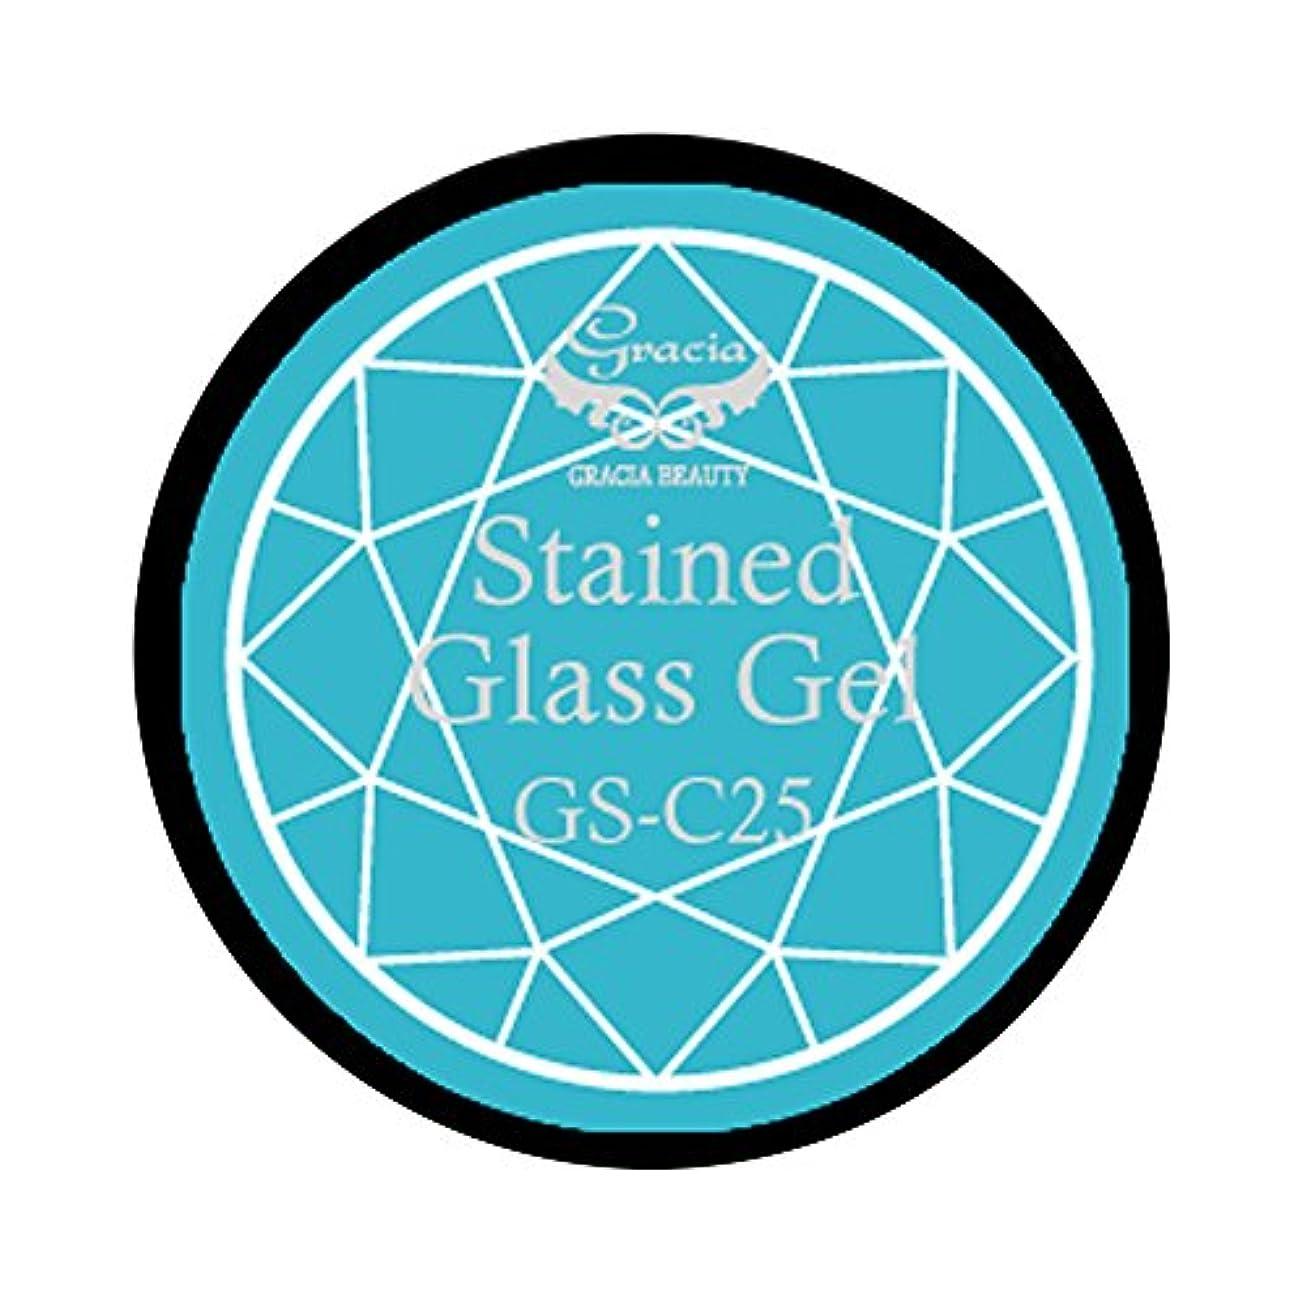 メジャー直立分離グラシア ジェルネイル ステンドグラスジェル GSM-C25 3g  クリア UV/LED対応 カラージェル ソークオフジェル ガラスのような透明感